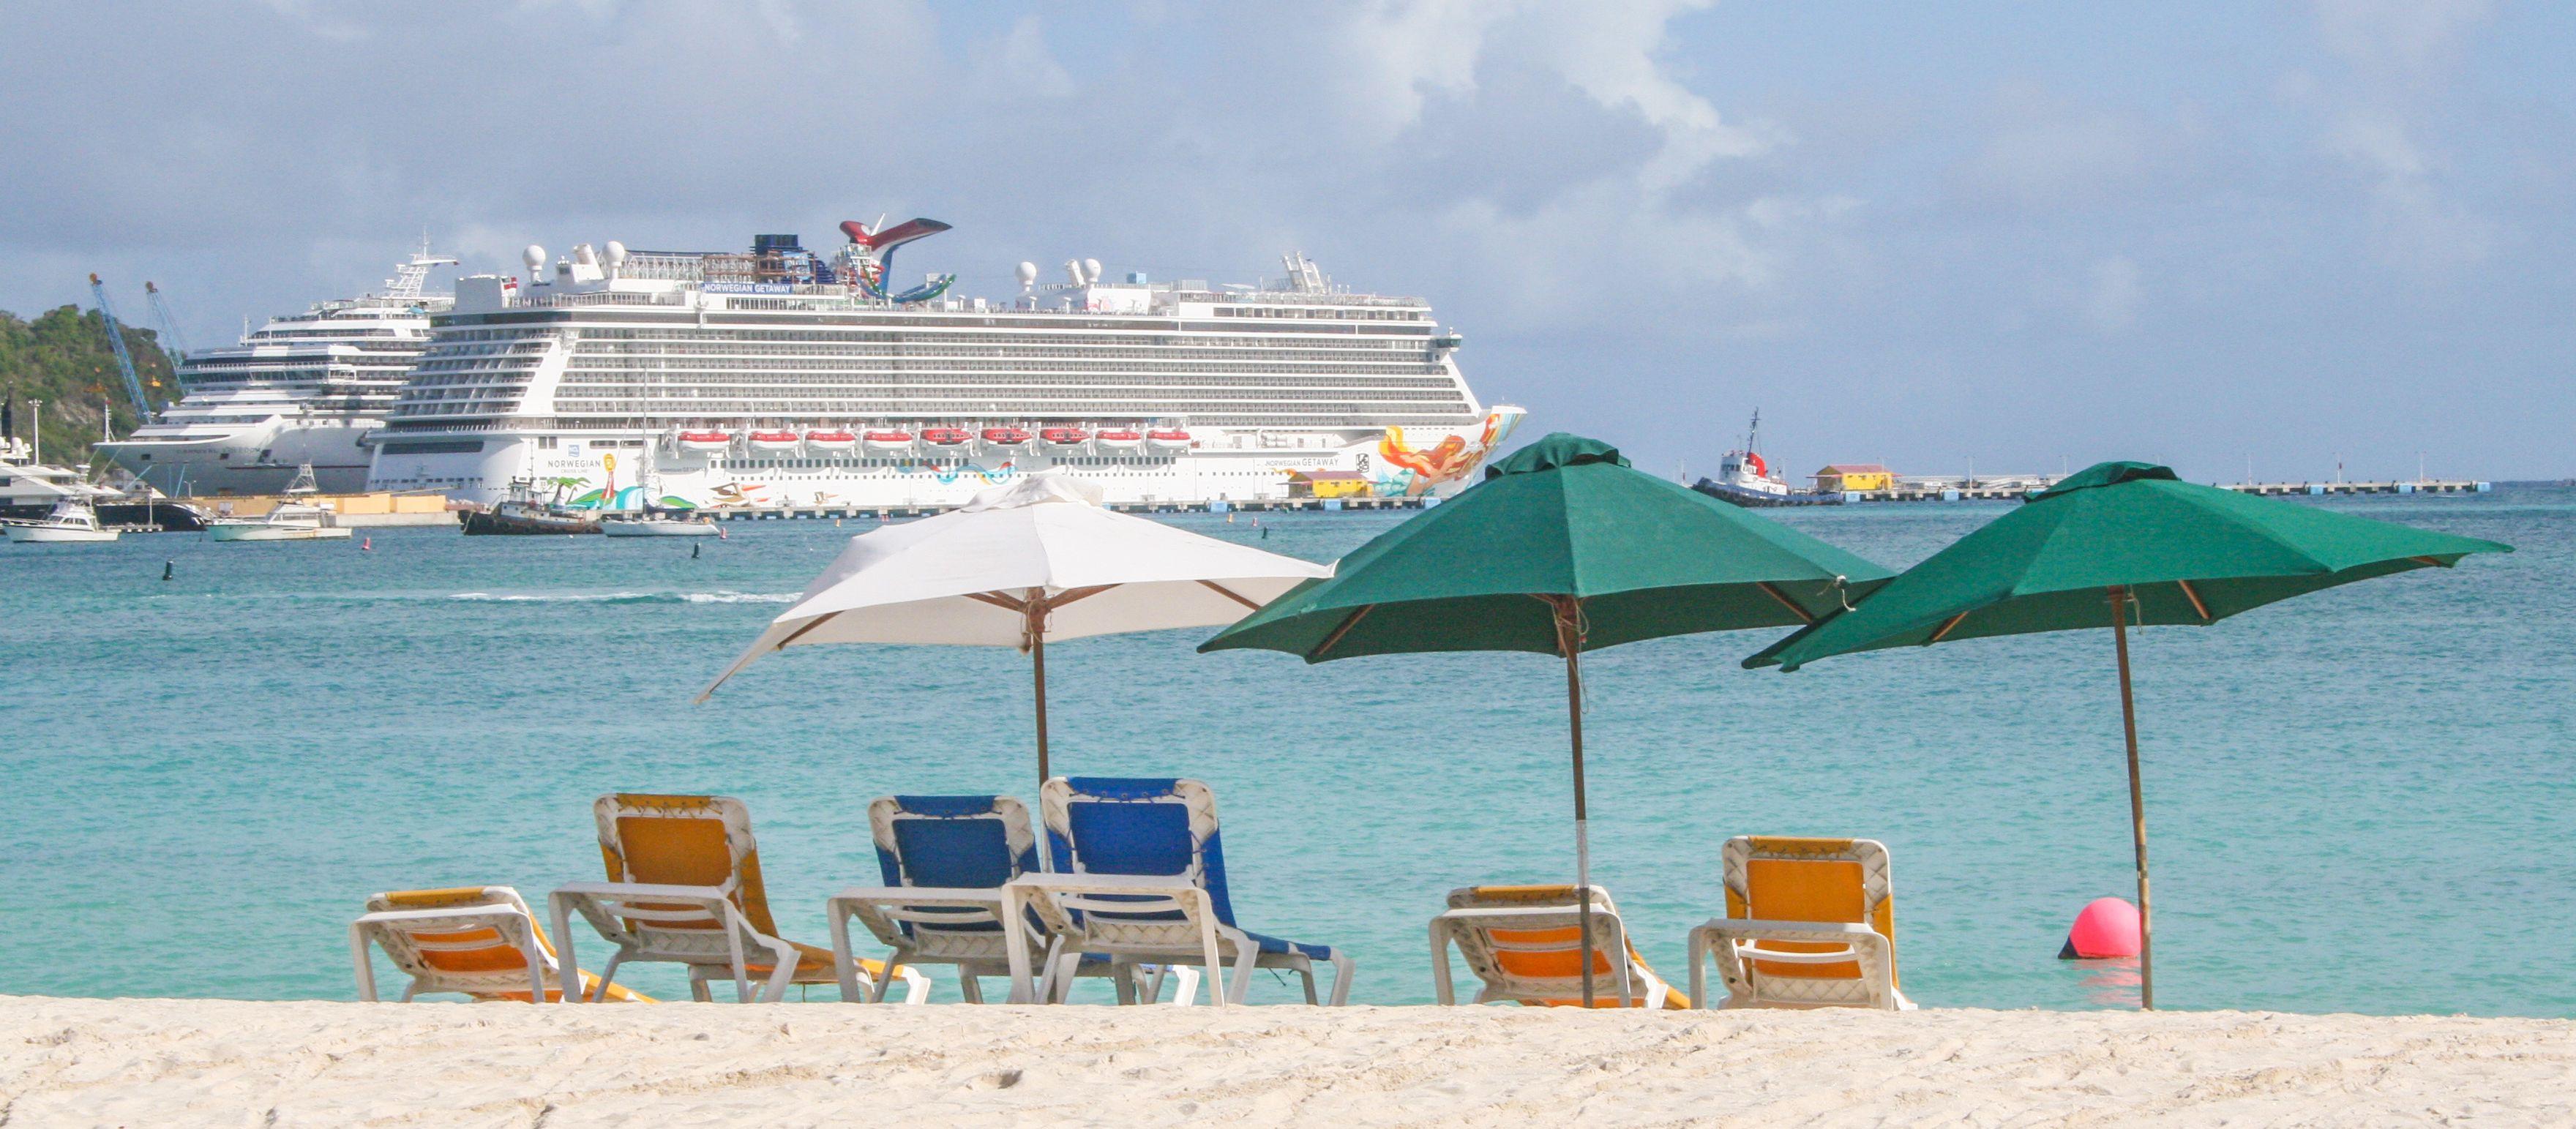 Der Kreuzfahrthafen in Philipsburg auf der Insel Sint Maarten